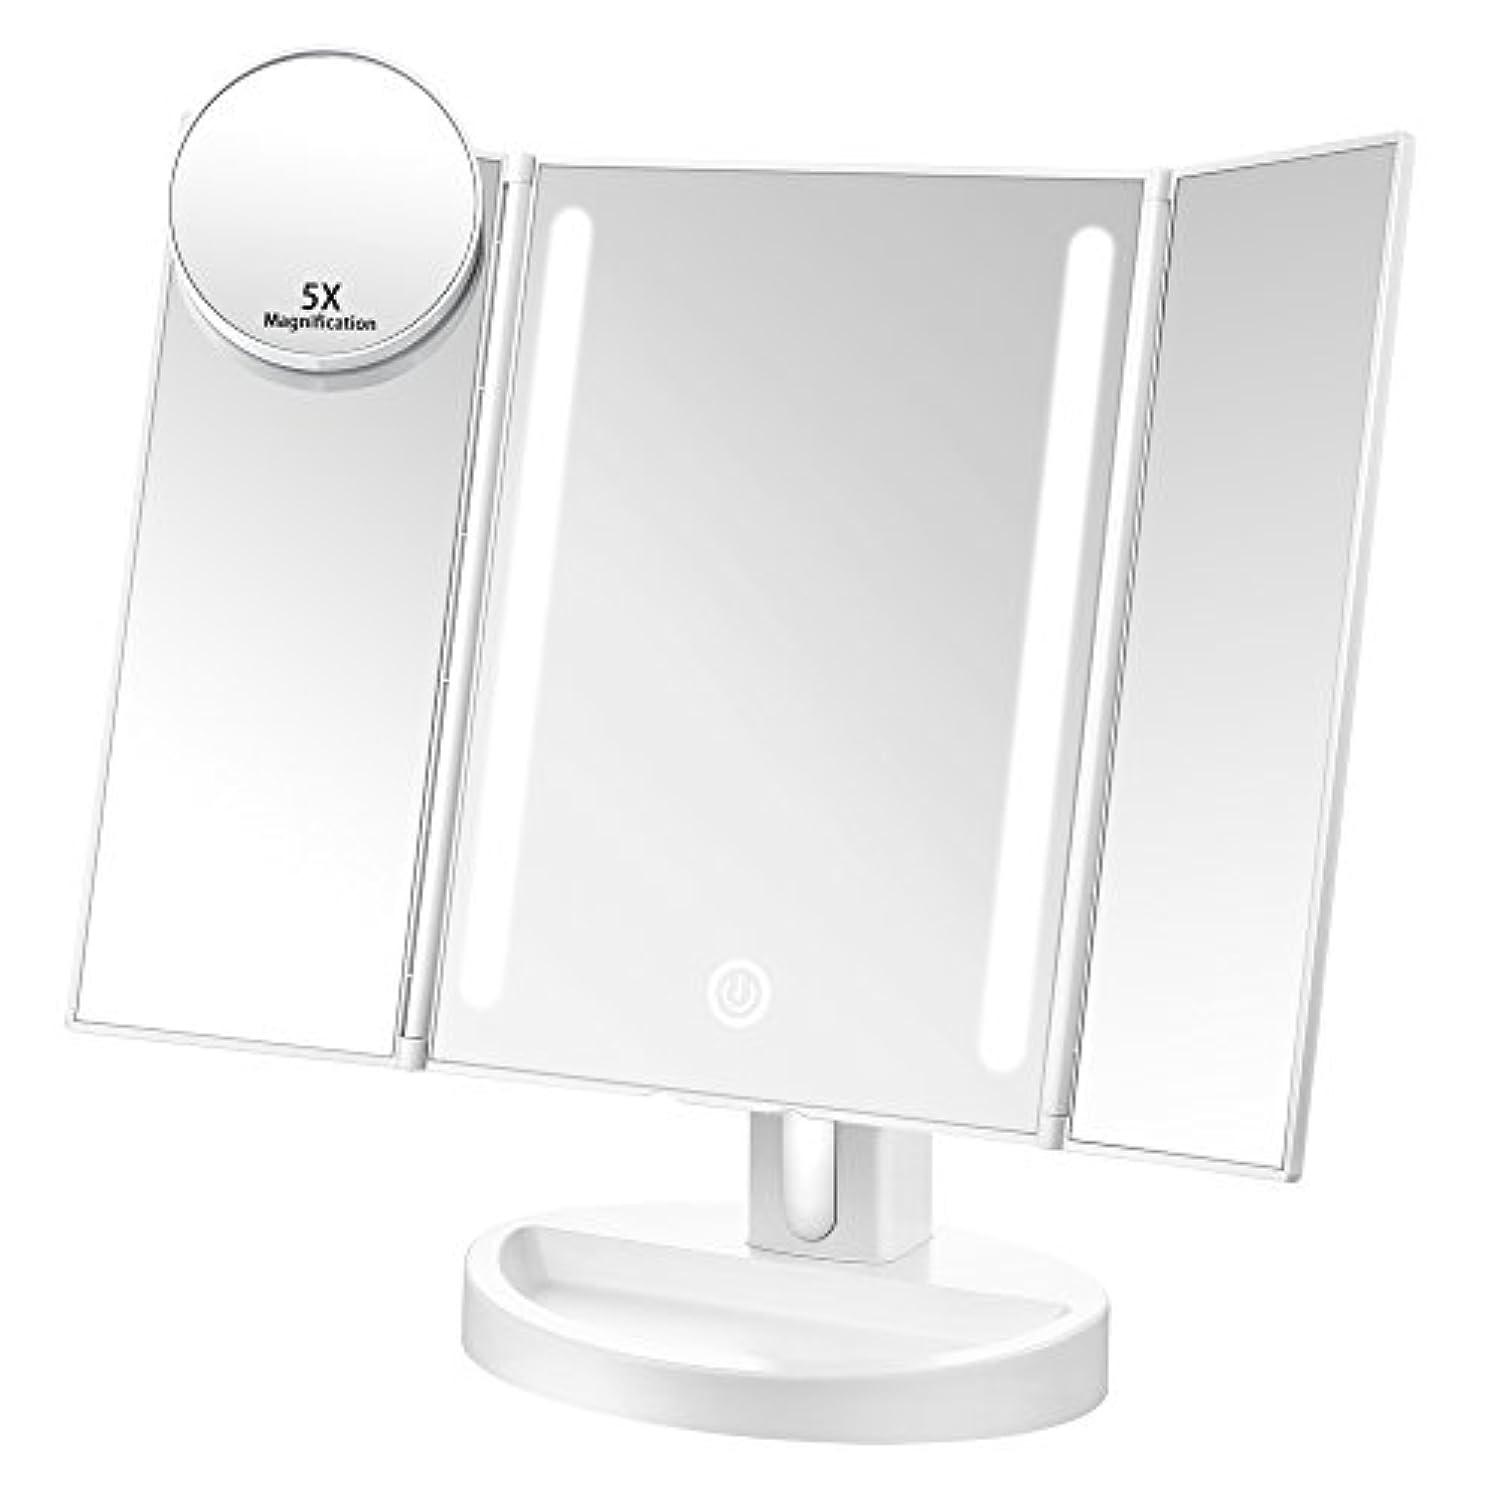 有罪バッフル慈悲深いJerrybox 三面鏡 卓上 鏡 ミラー 化粧鏡 LEDミラー 5倍拡大鏡付き 明るさ調節可能 角度調整対応 BM-1631 (1631)